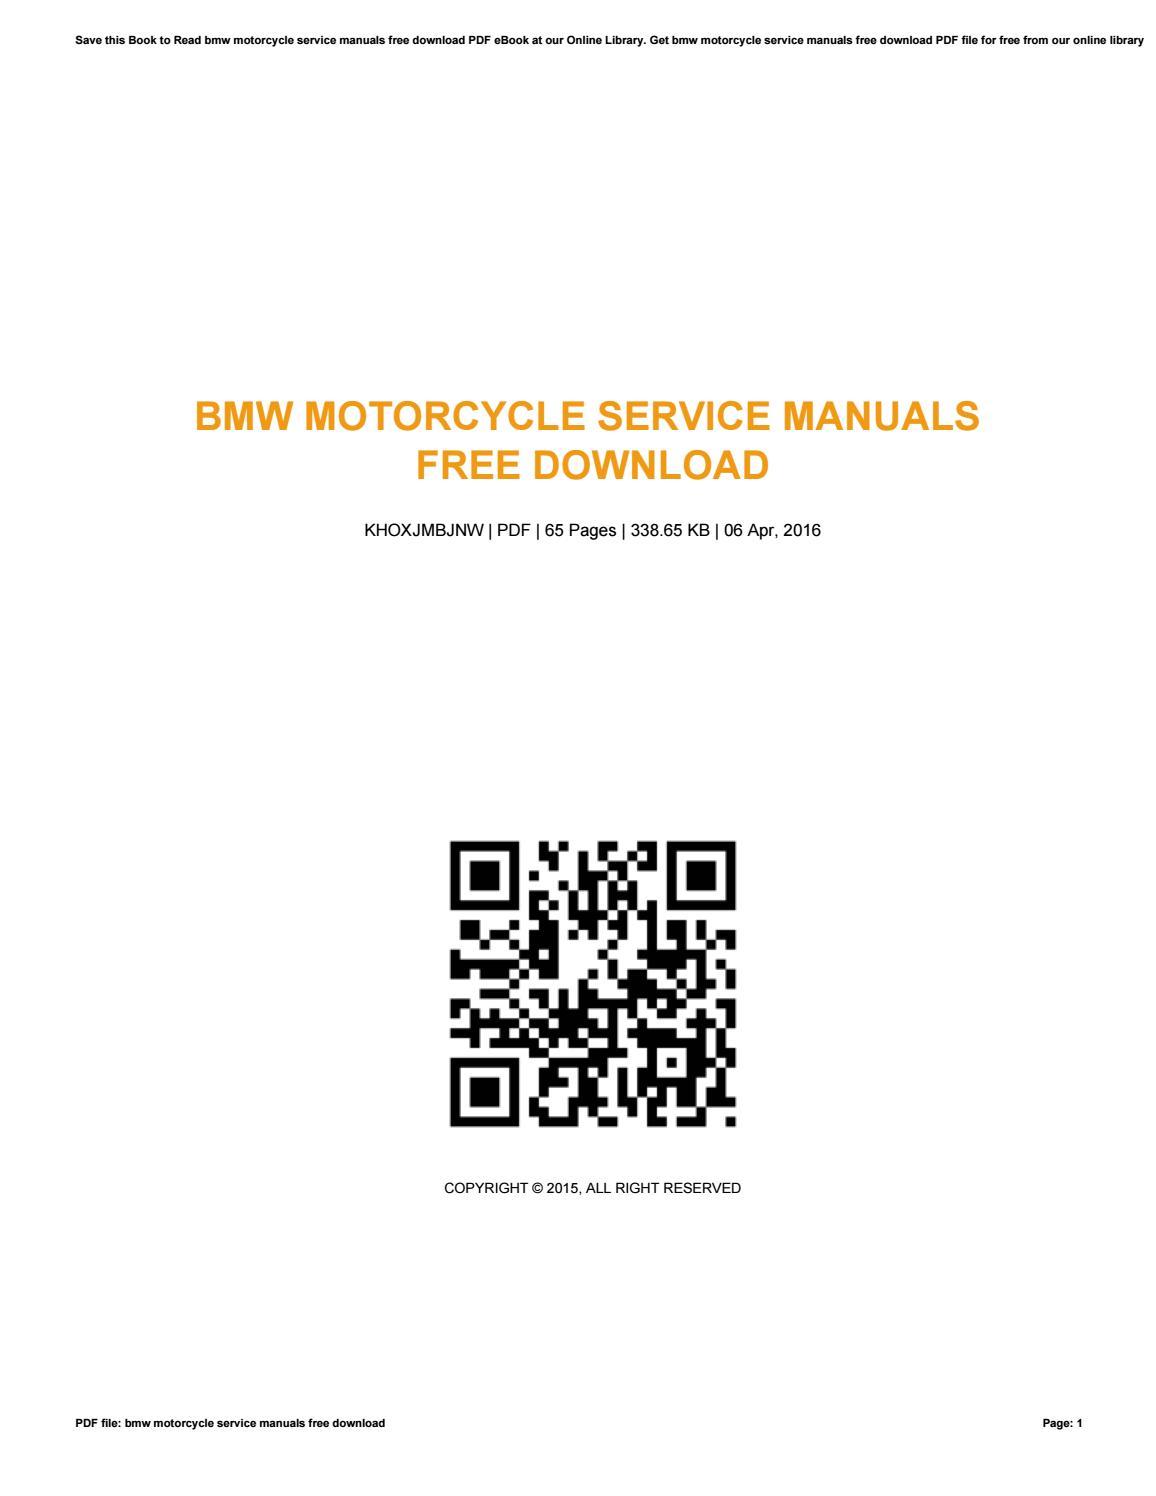 1985 kawasaki kx60 motorcycle owners service manual.